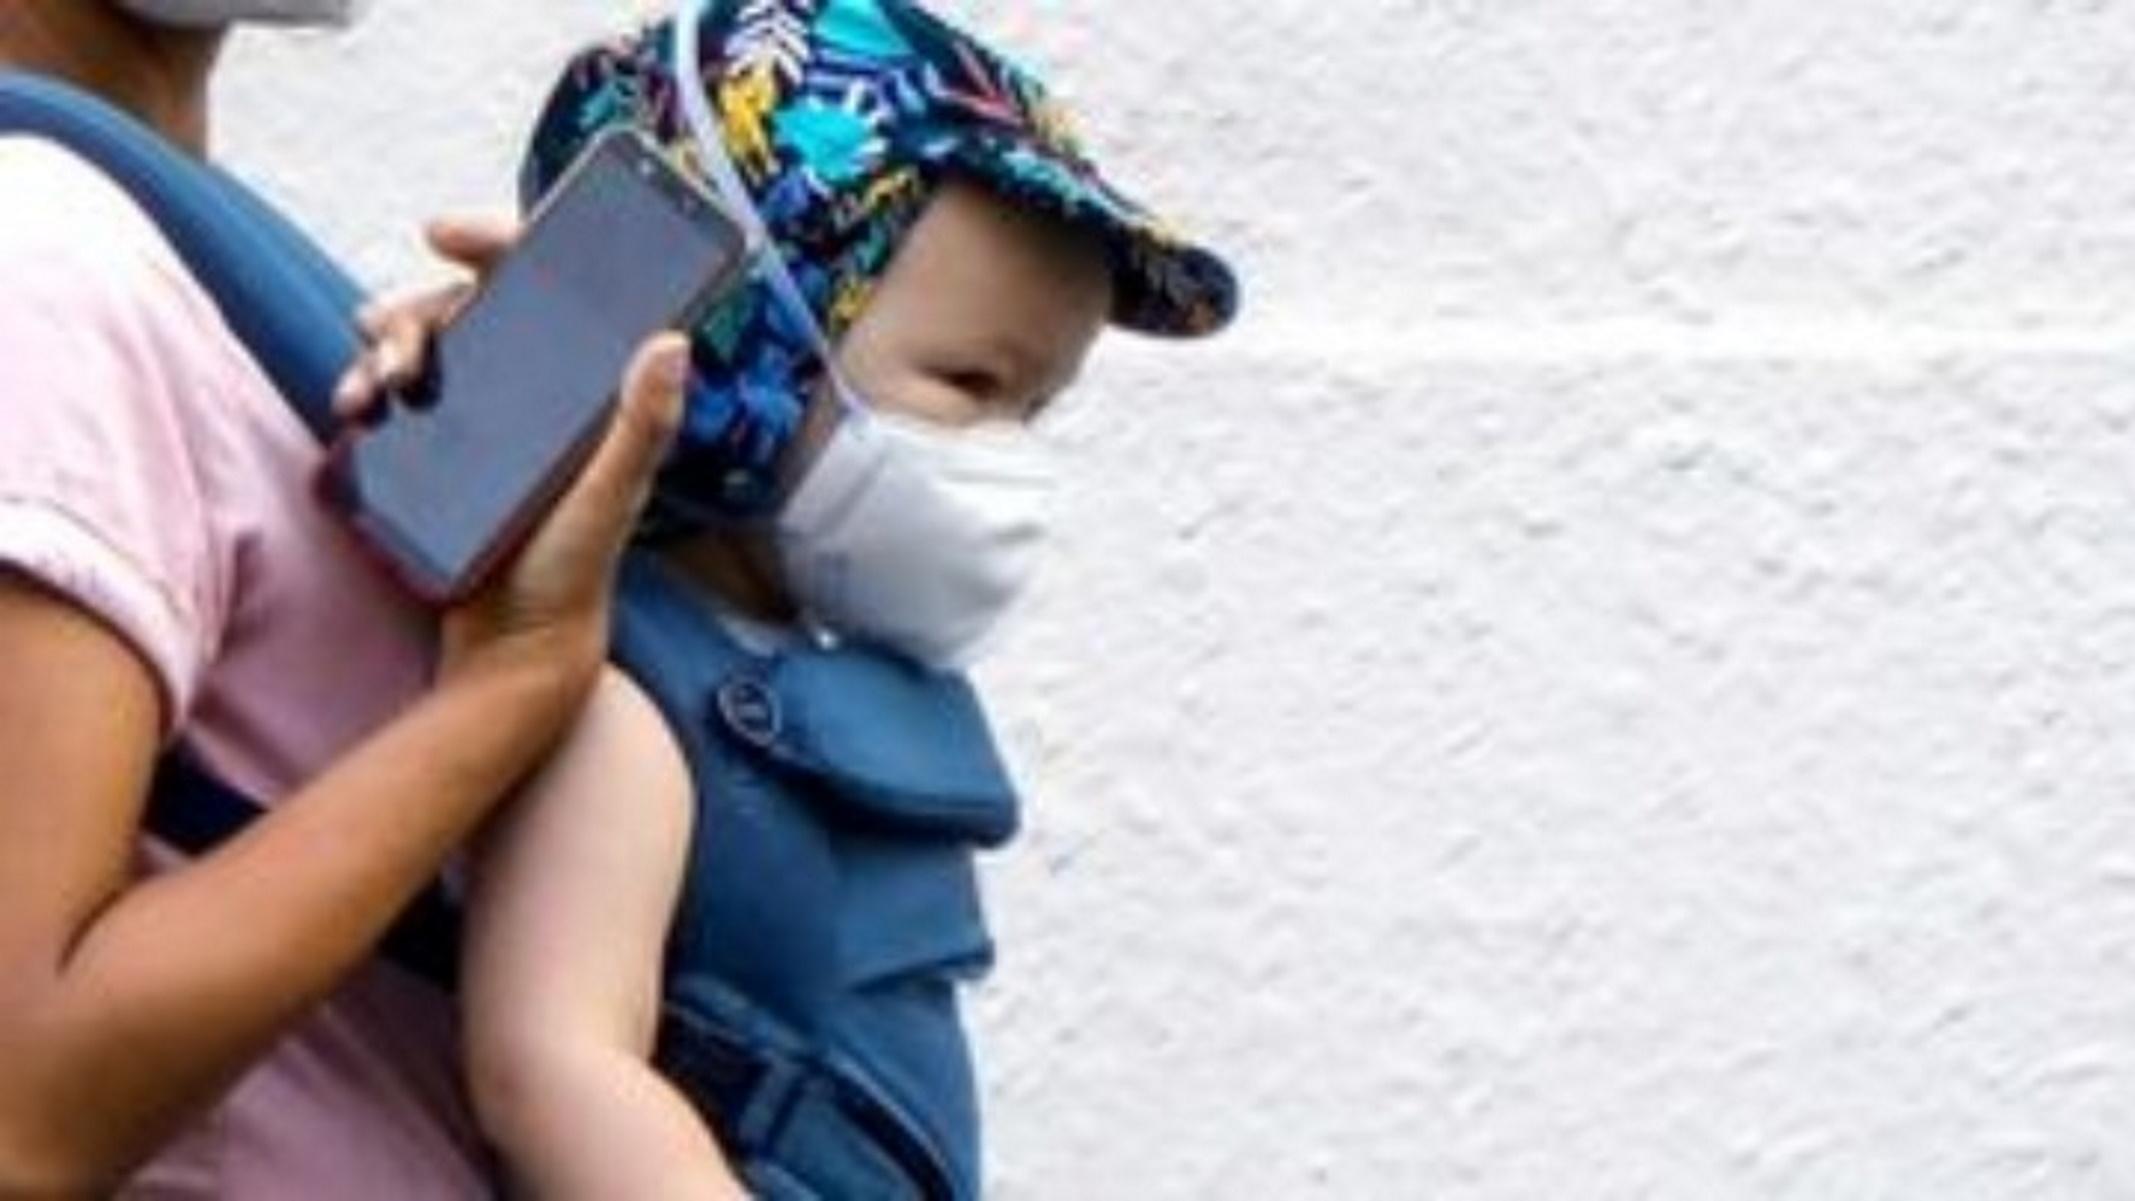 Κρούσματα κορονοϊού σε δομή προστασίας παιδιού στην Κρήτη